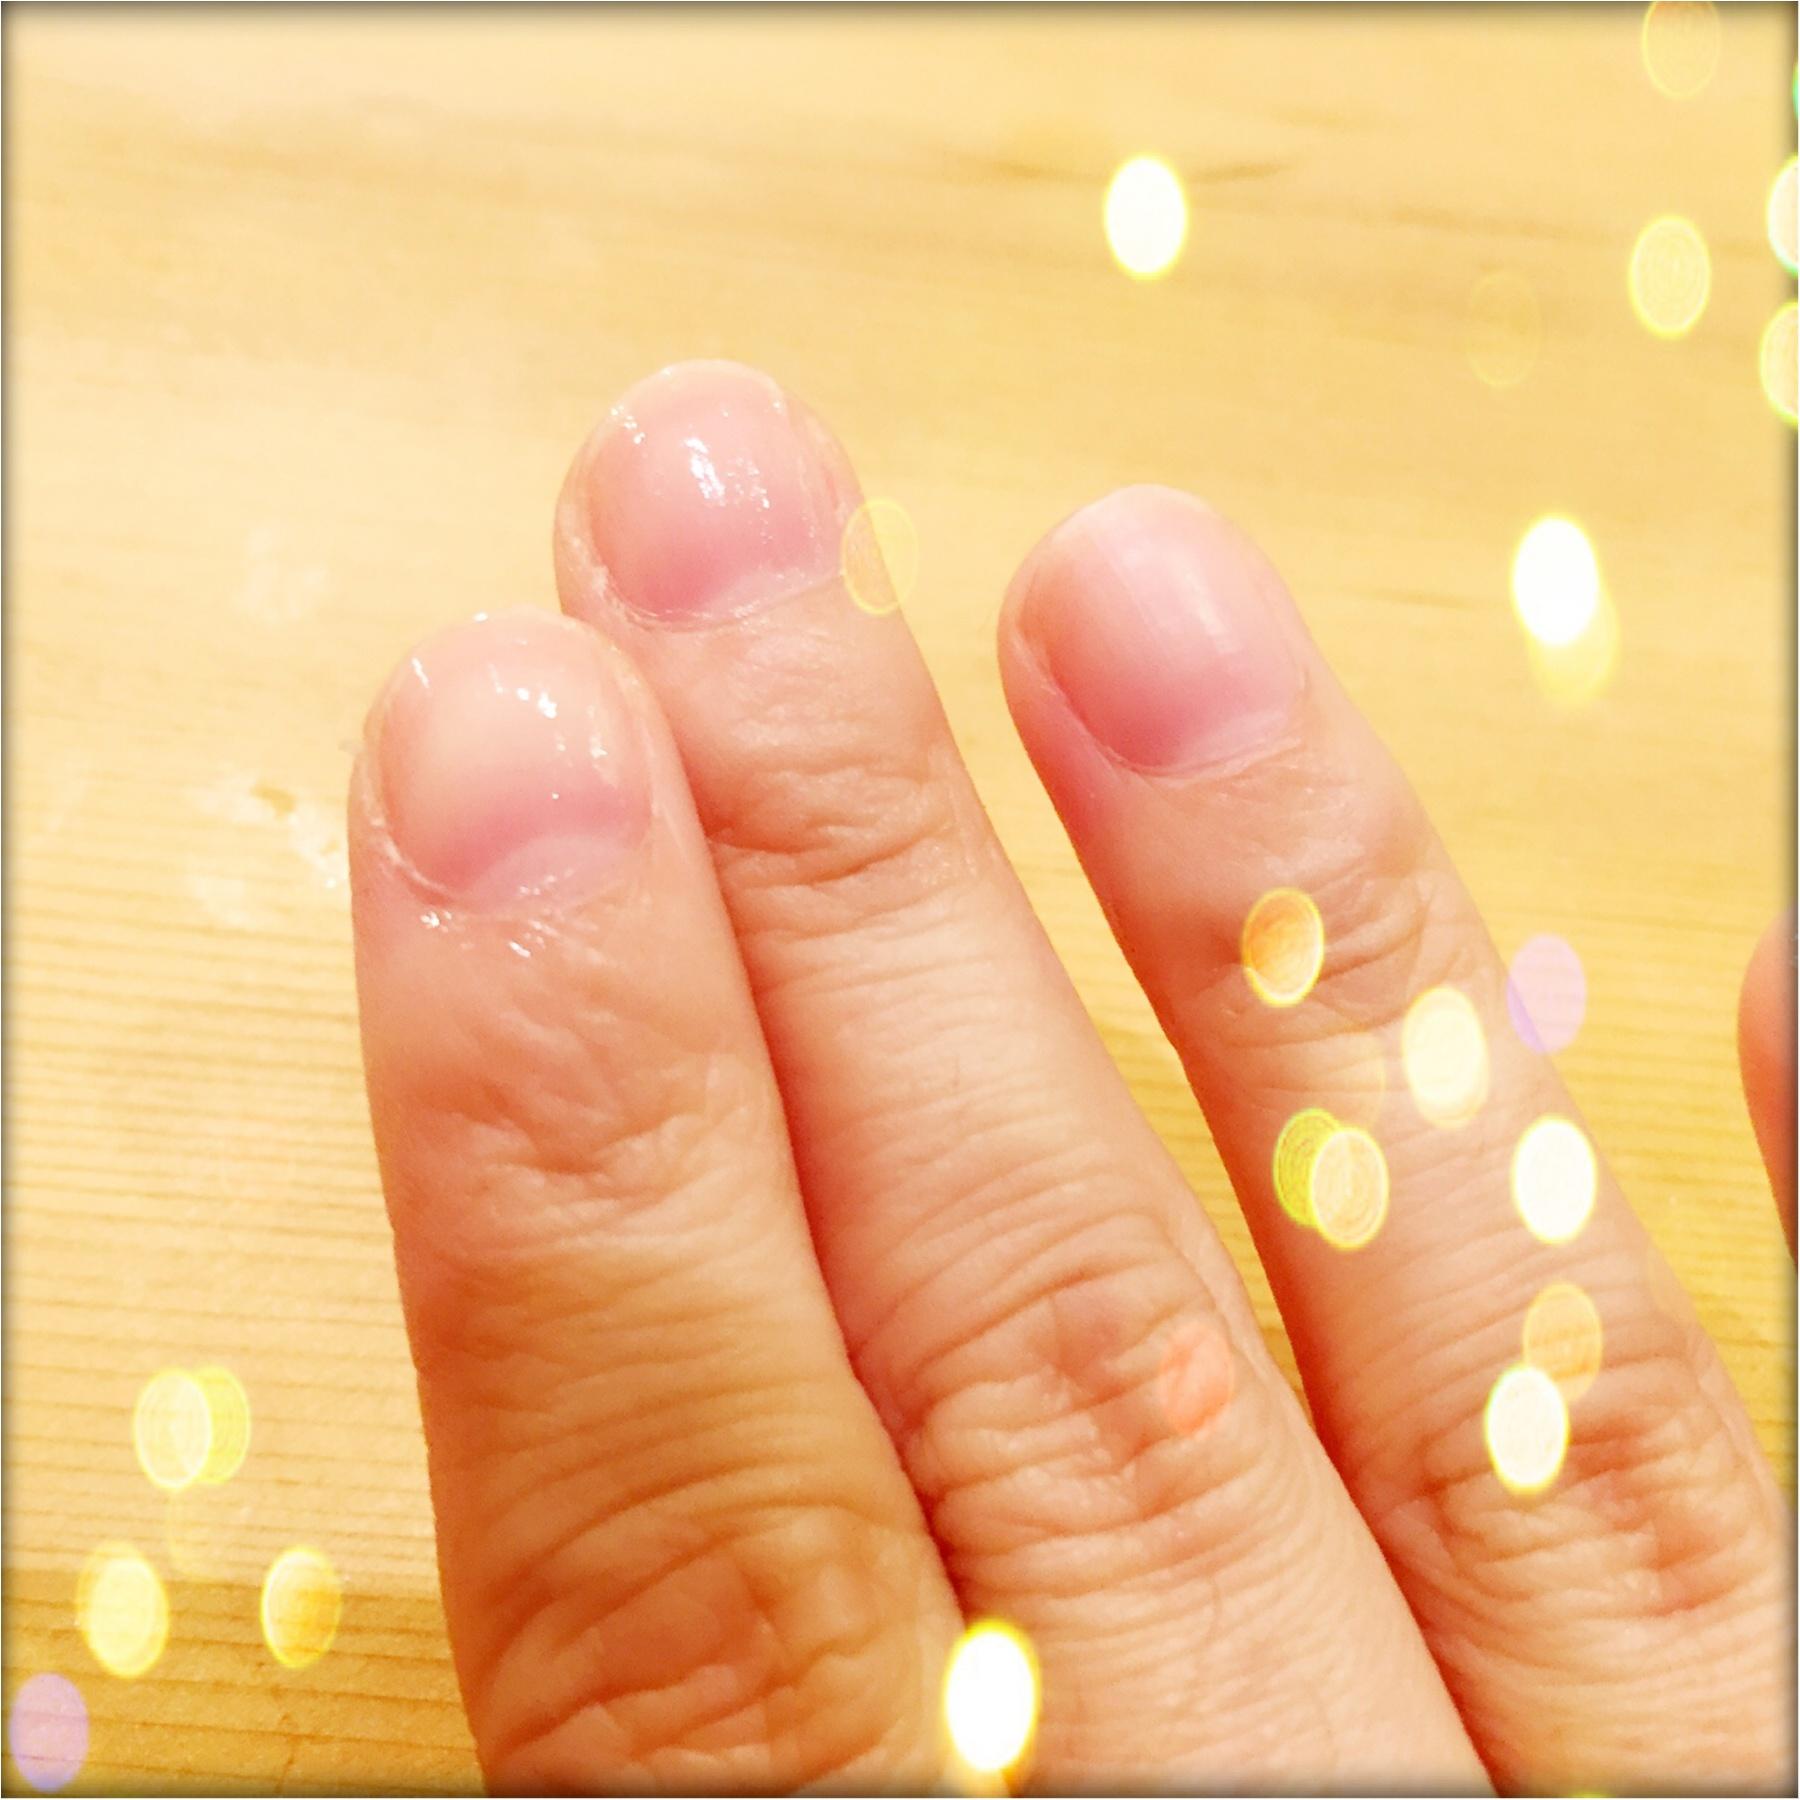 …ஐ 【ネイルケア༓】MORE世代では人気のネイル♥️痛んだ爪もきちんとケアしてる? ஐ¨_3